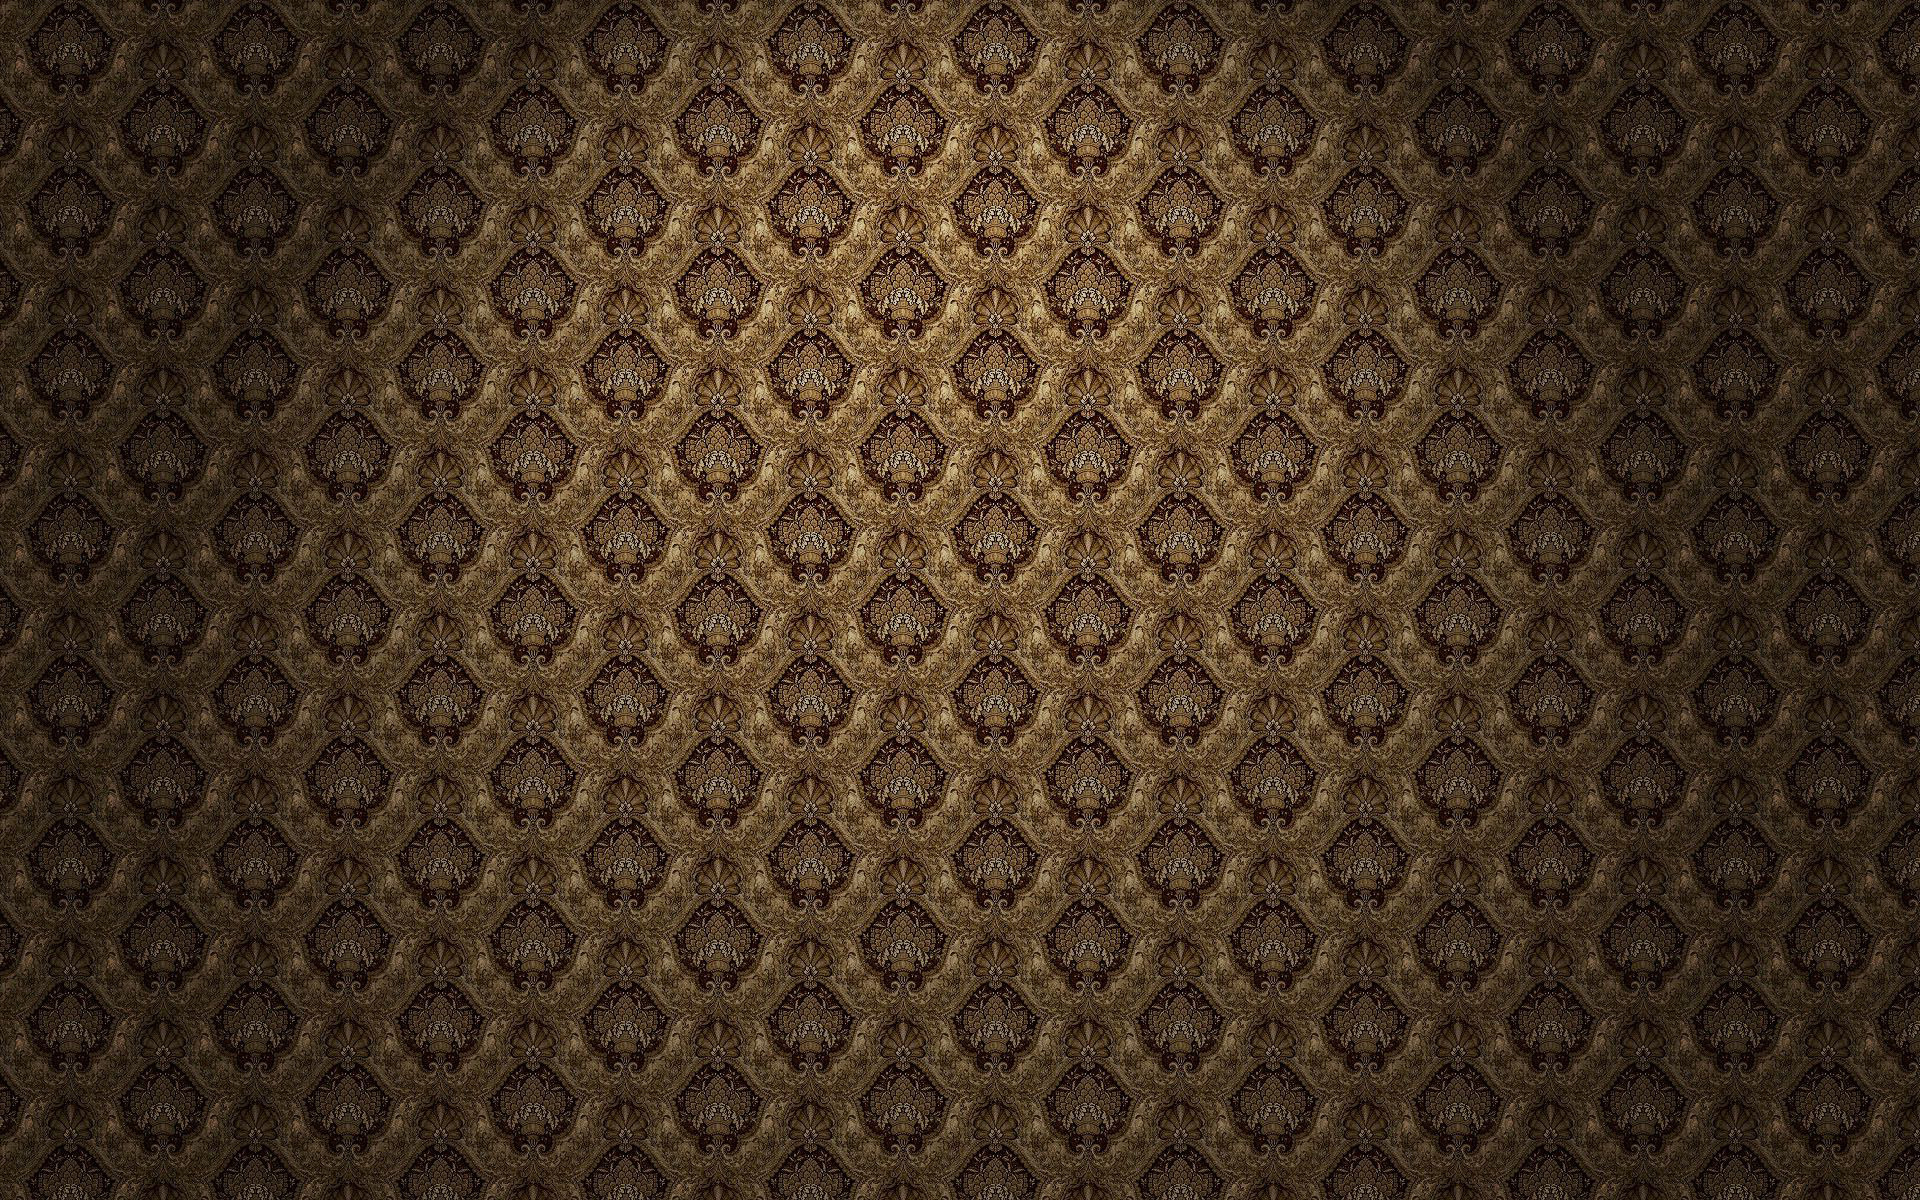 Vintage pattern wallpaper 7210 1920x1200